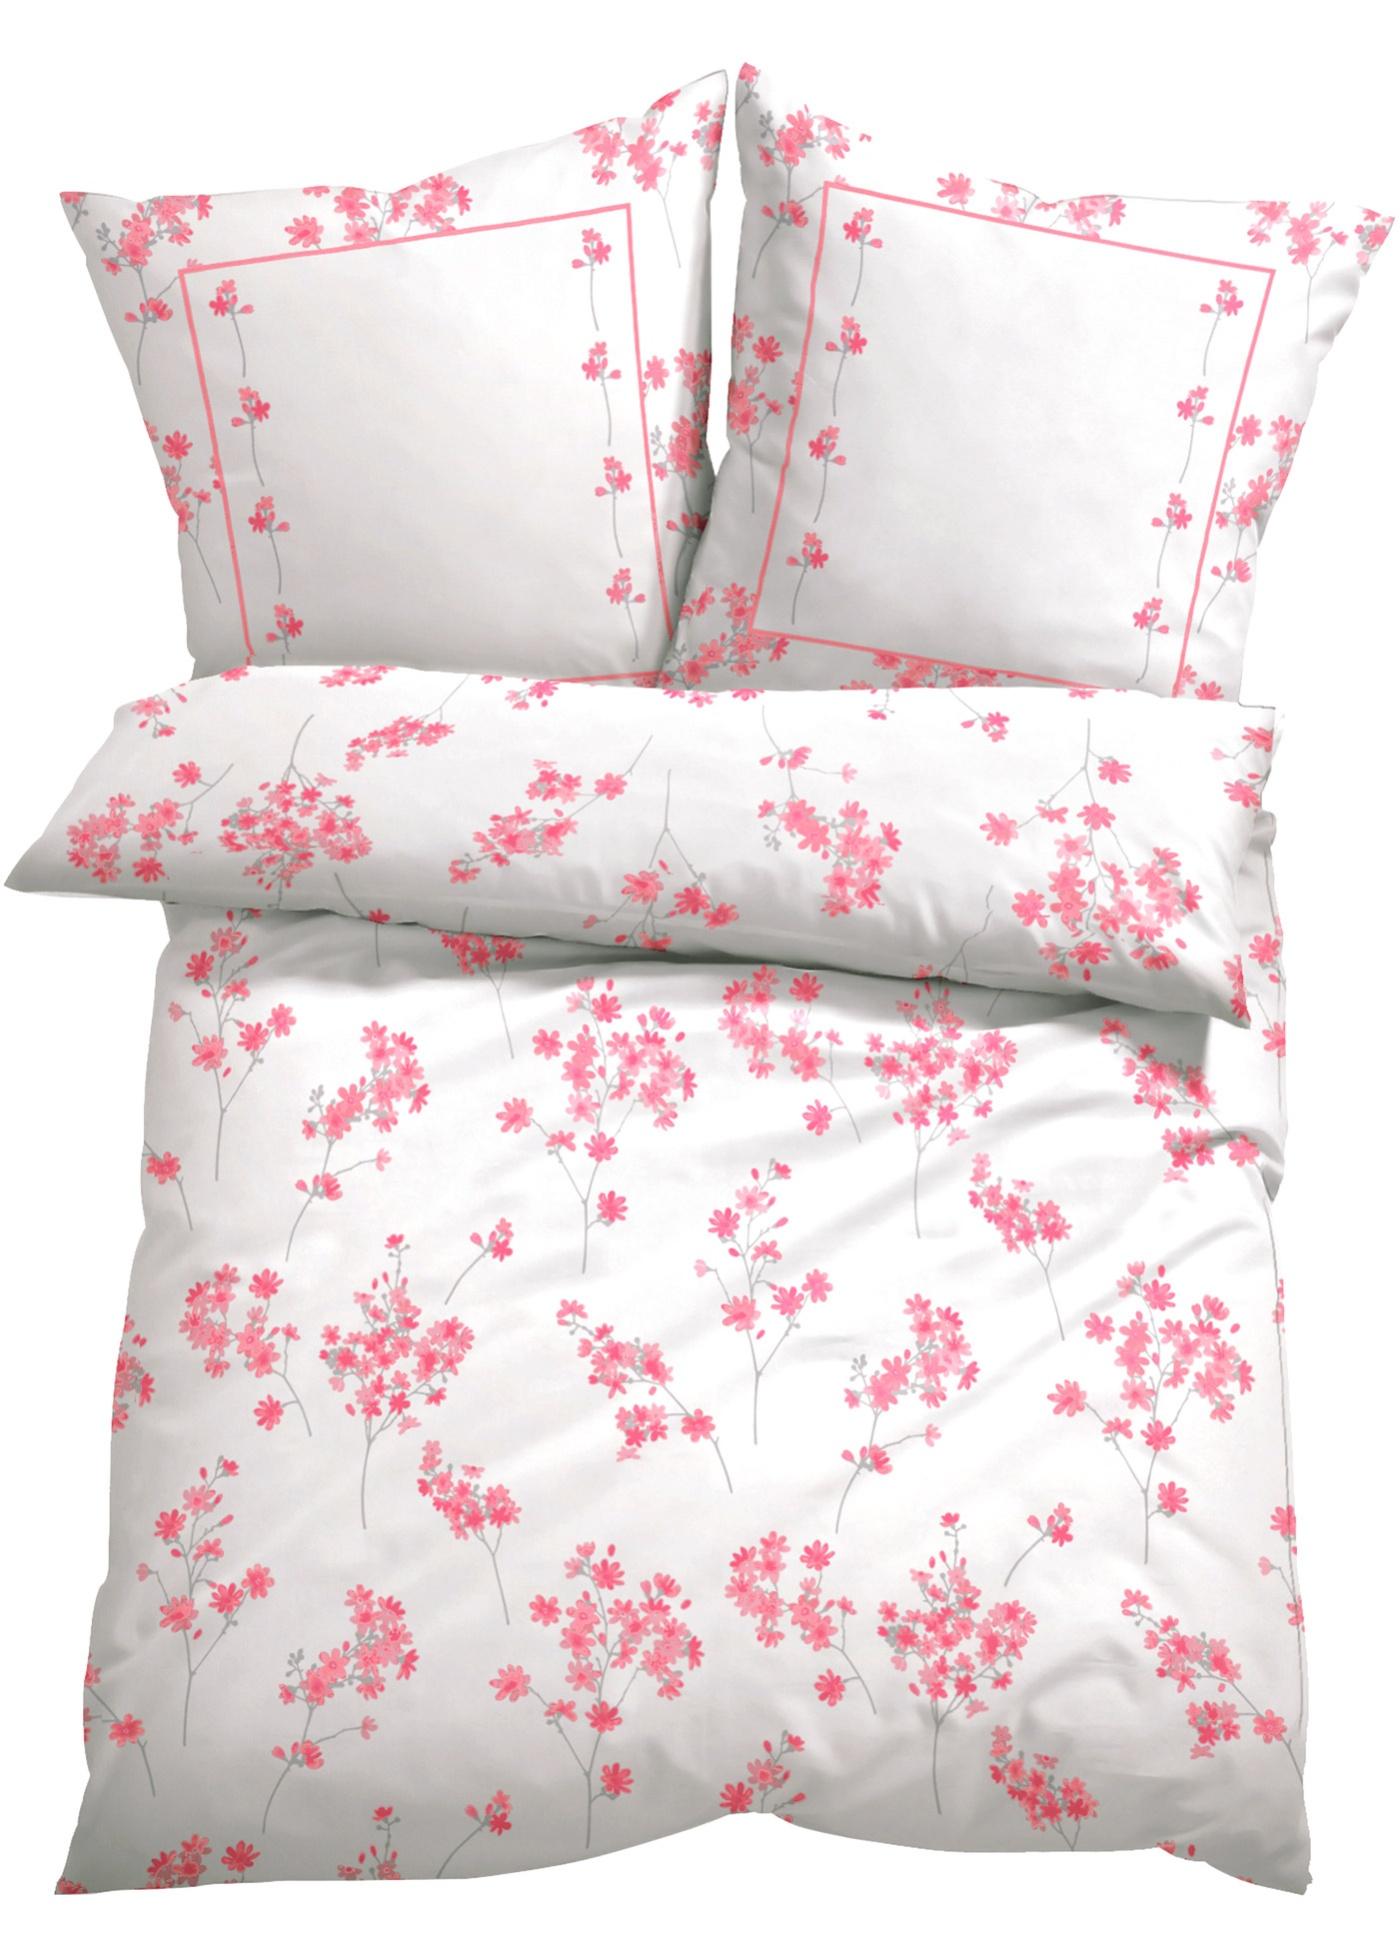 Bettwäsche mit Blumen Design in rosa von bonprix